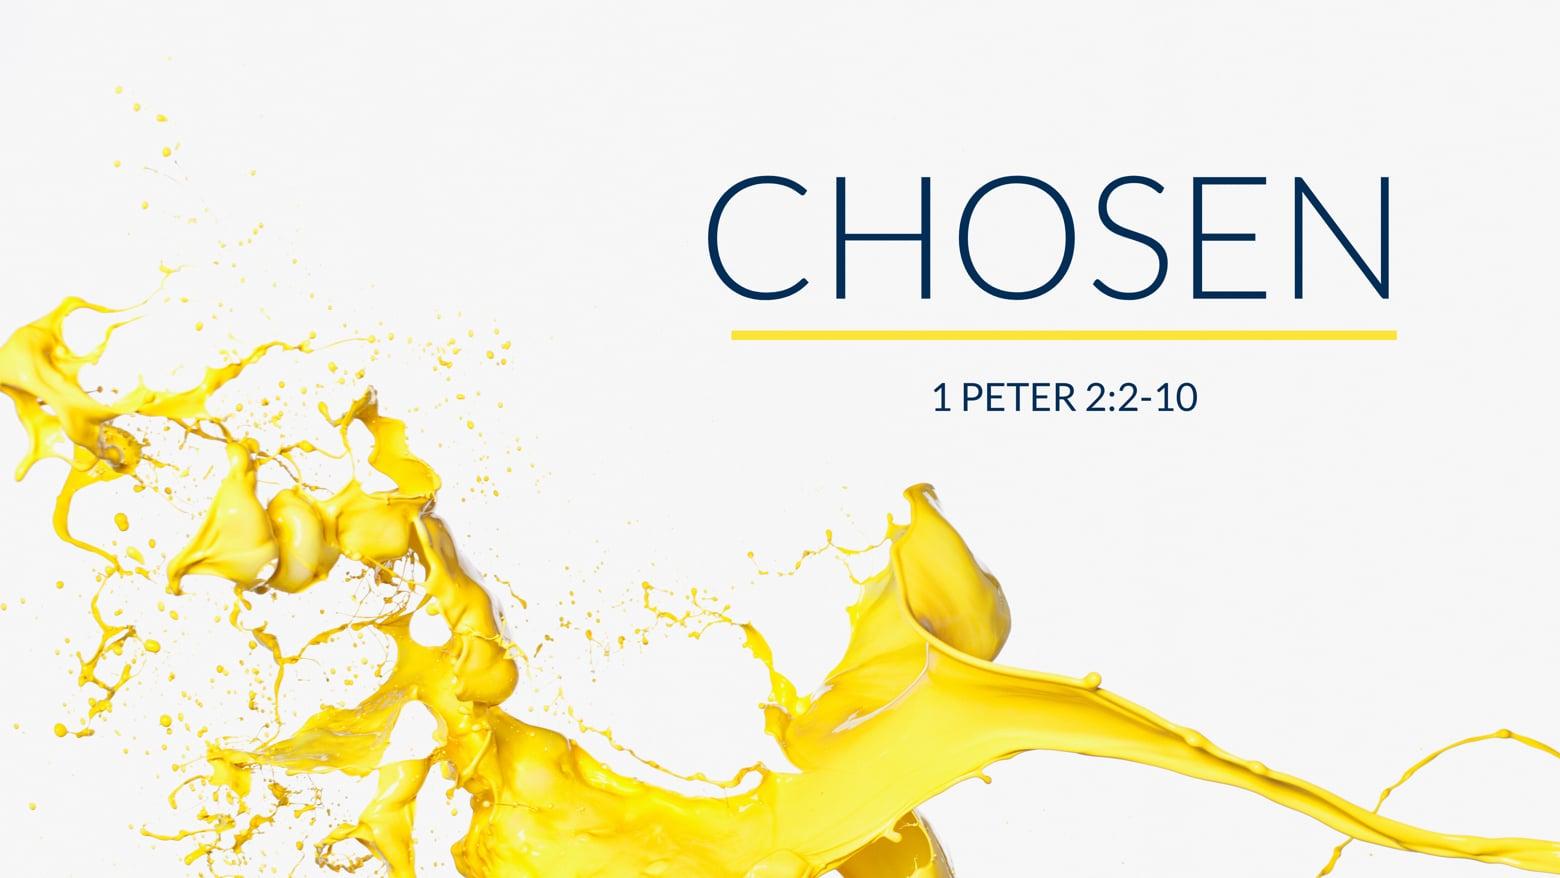 Chosen // 1 Peter 2:2-10